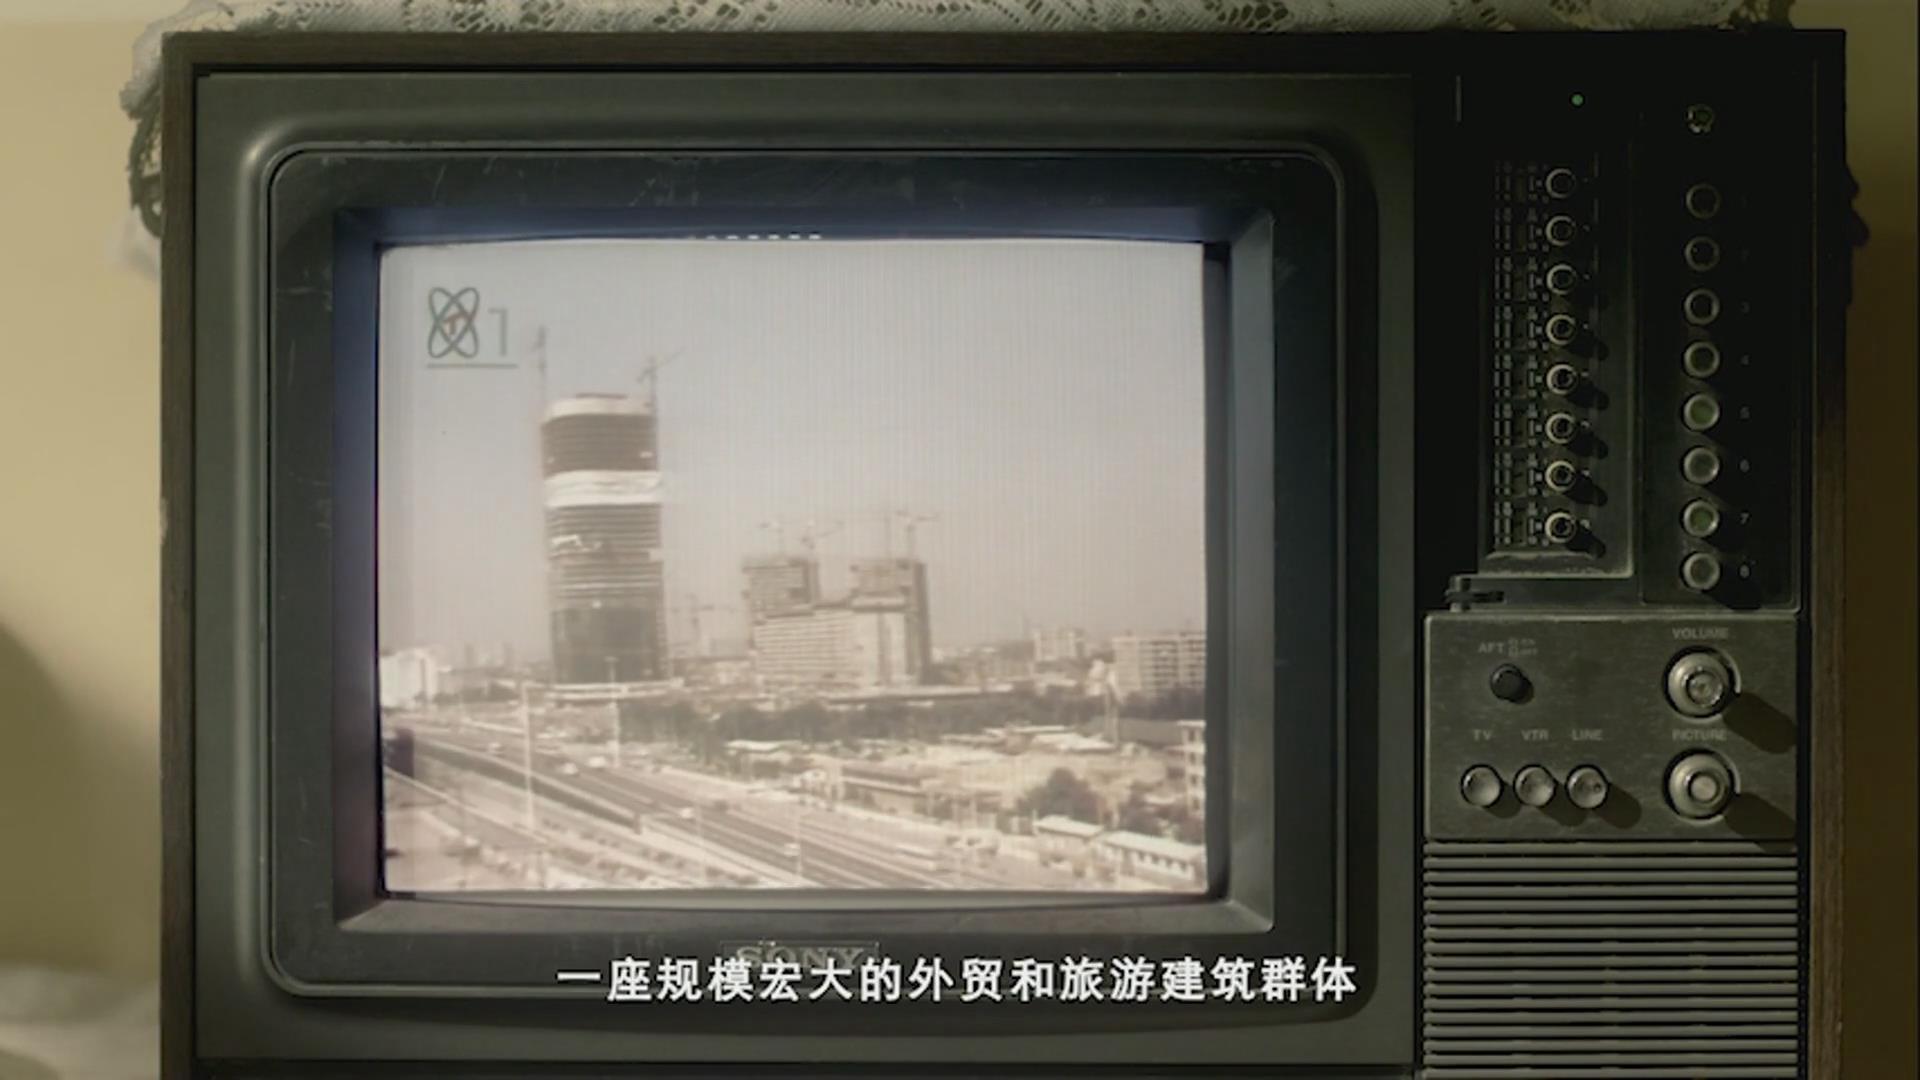 【庆祝改革开放40周年系列微电影】第二部:最高点的合影